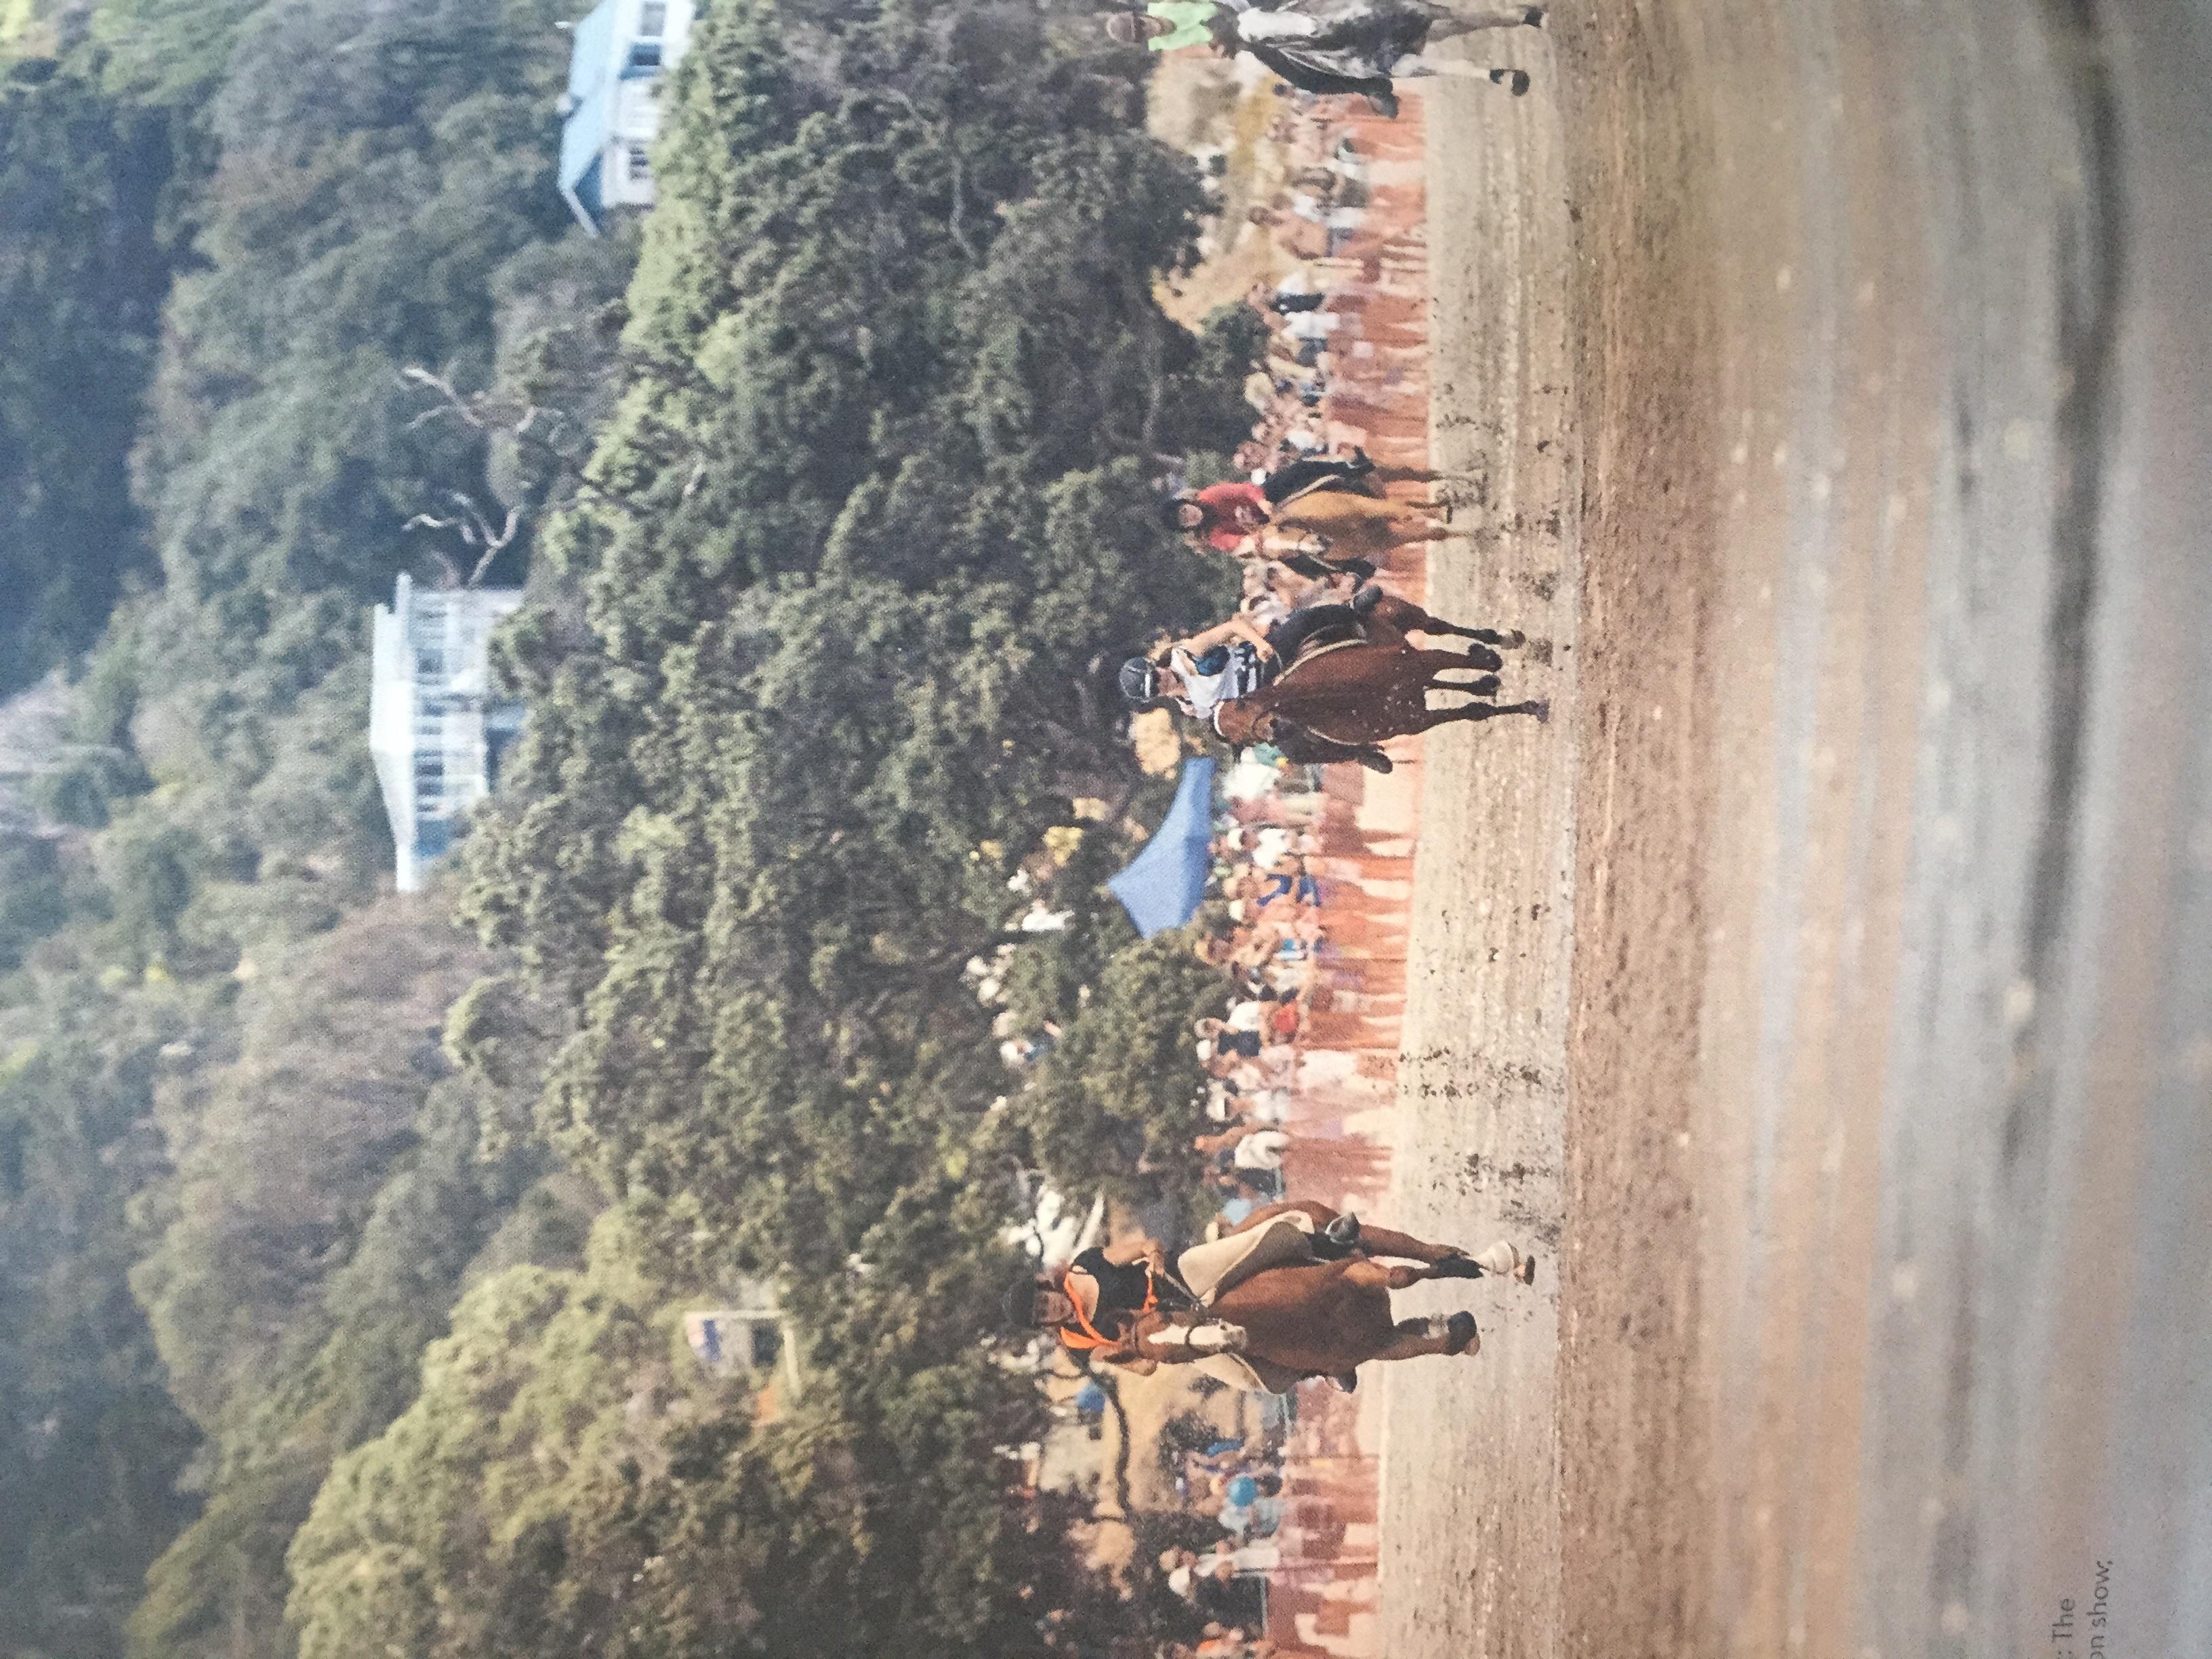 Onetangi horse races, Duncan Innes pg 66